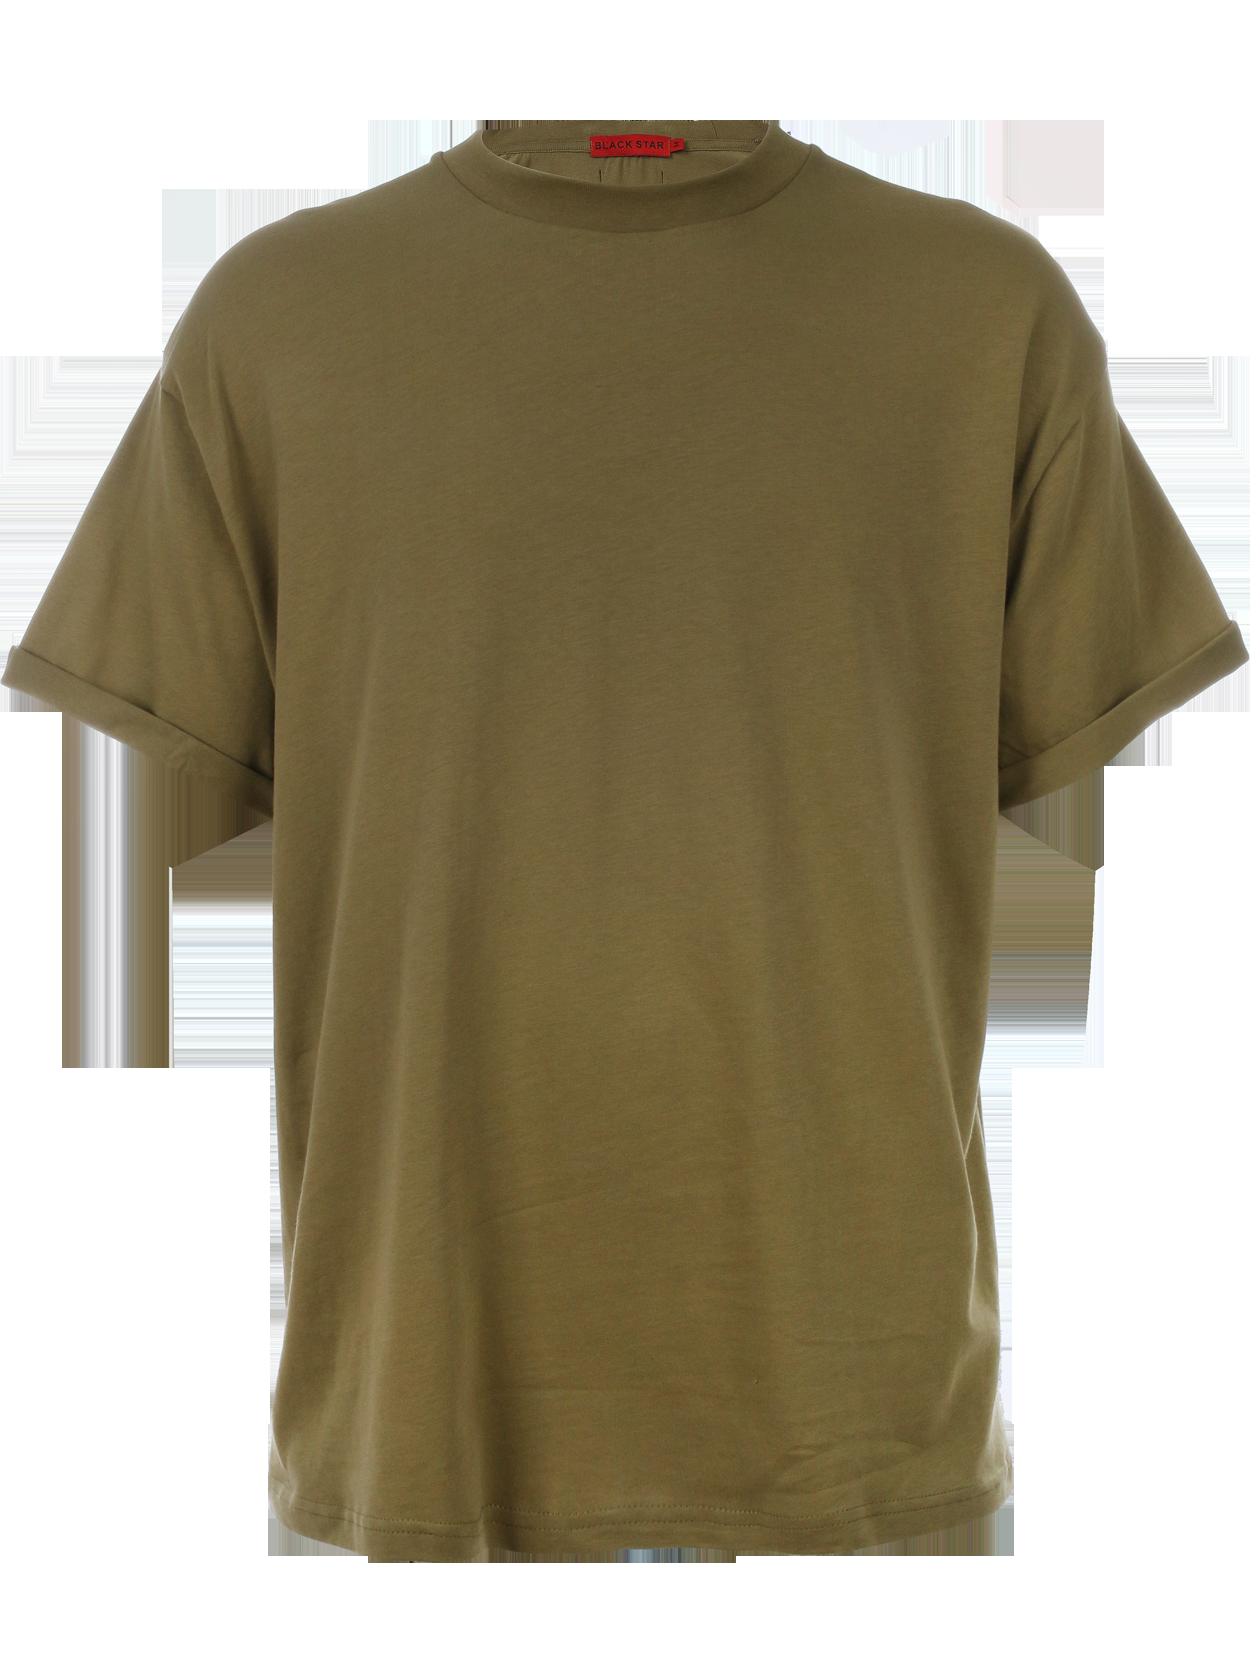 Unisex T-shirt Vintage 13Футболка унисекс из капсульной коллекции Тимати 13. Модель прямого свободного кроя со спущенной линией плеча и подворотами на рукавах. На спинке красный жаккардовый лейбл с цифрой 13, на внутренней стороне горловины красный жаккардовый лейбл Black Star. Доступна в четырёх цветах: тёмно-бордовый, серый, хаки и песочный.<br><br>size: XL<br>color: Khaki<br>gender: female